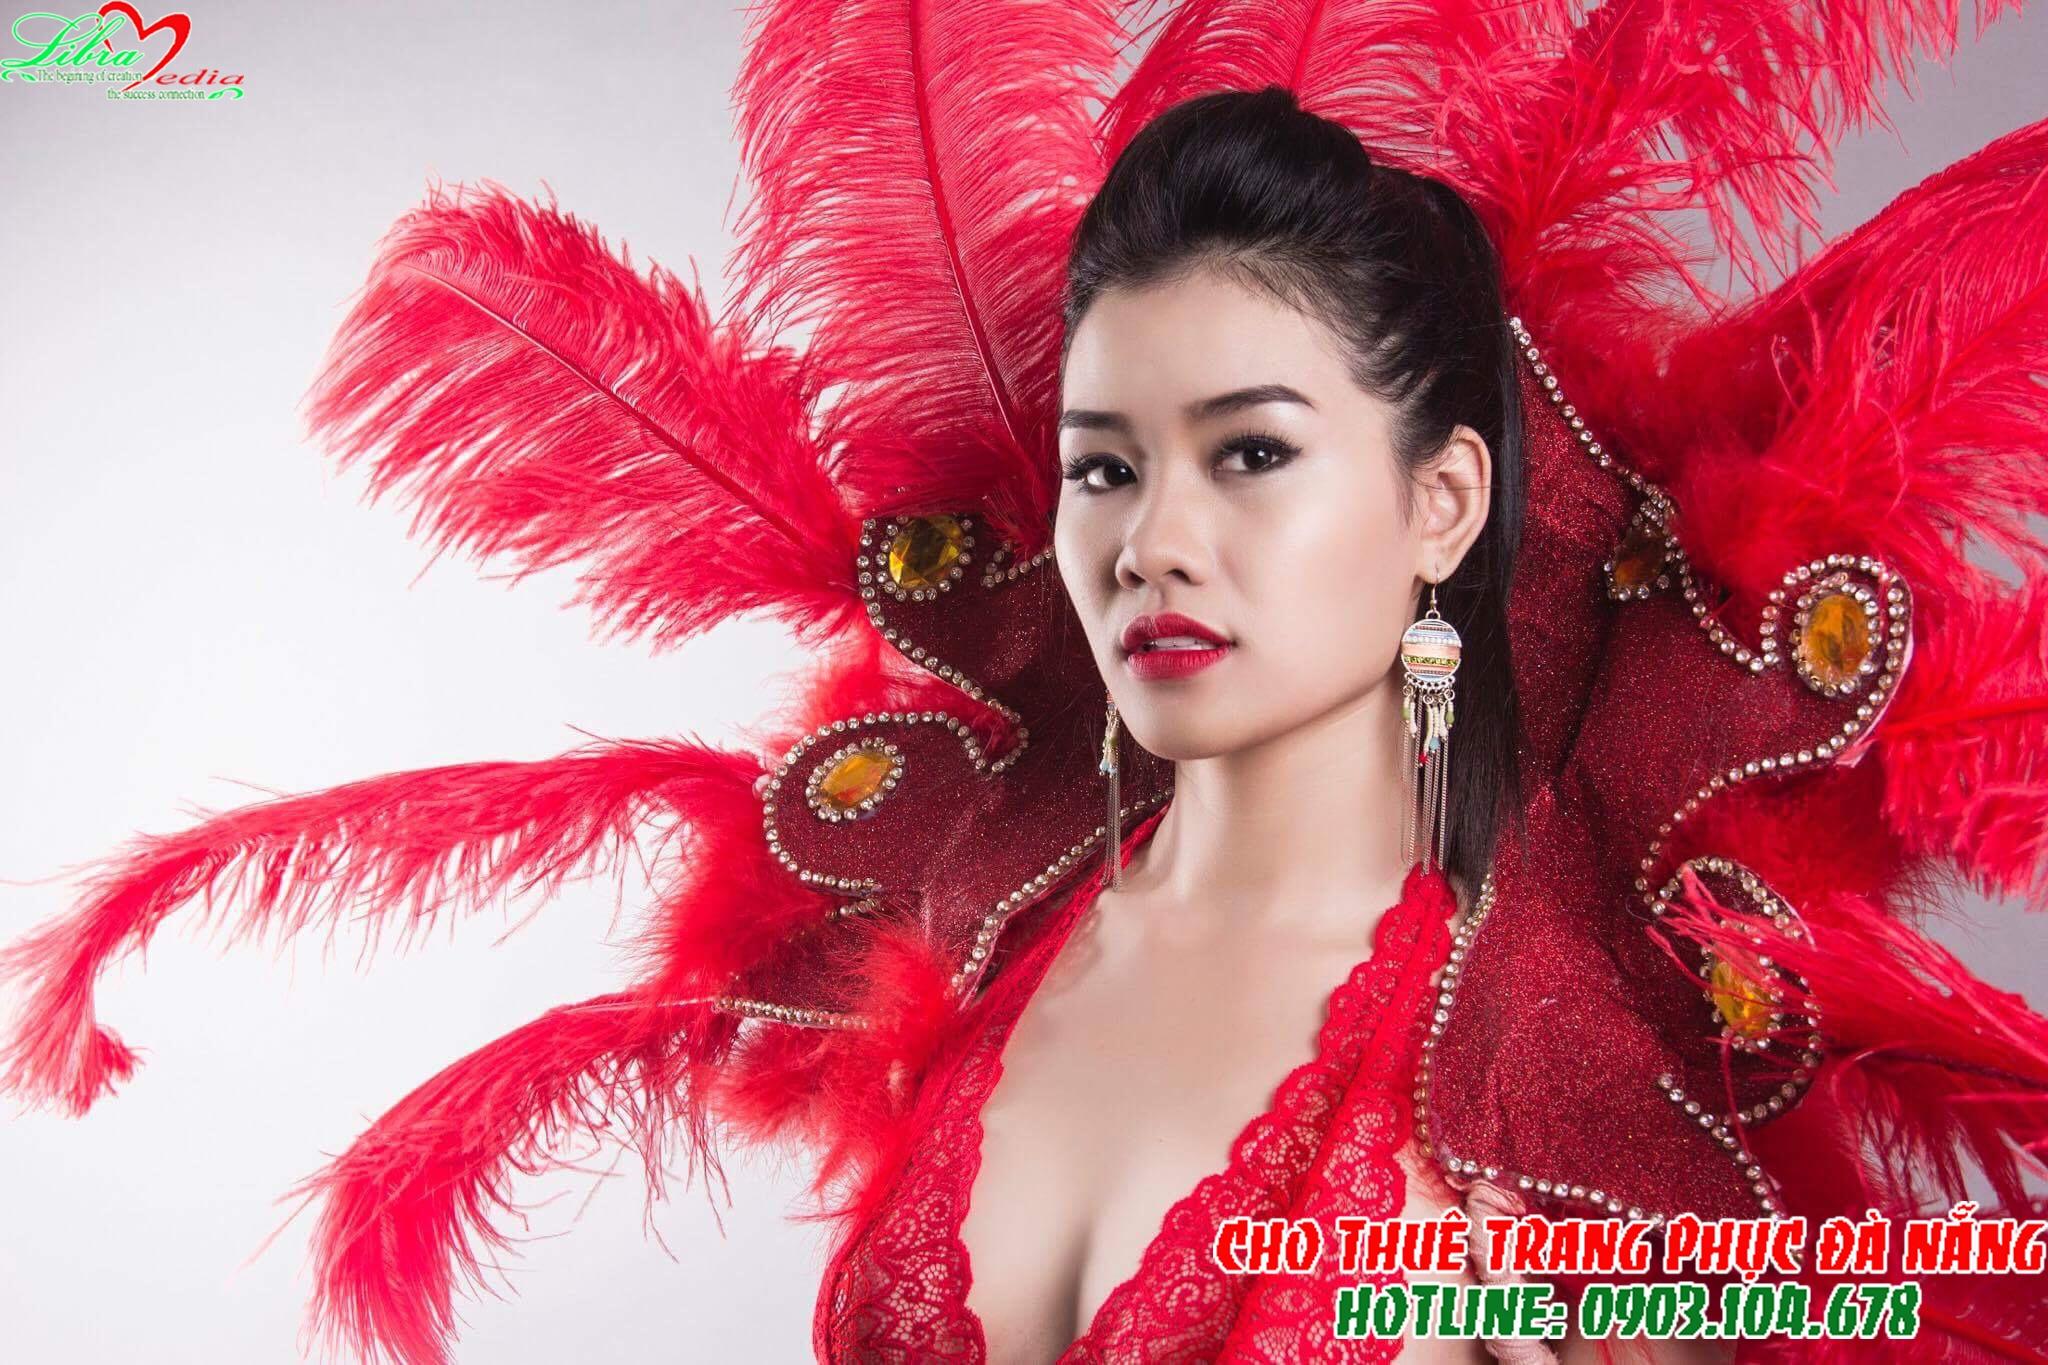 Trang phục Carnival